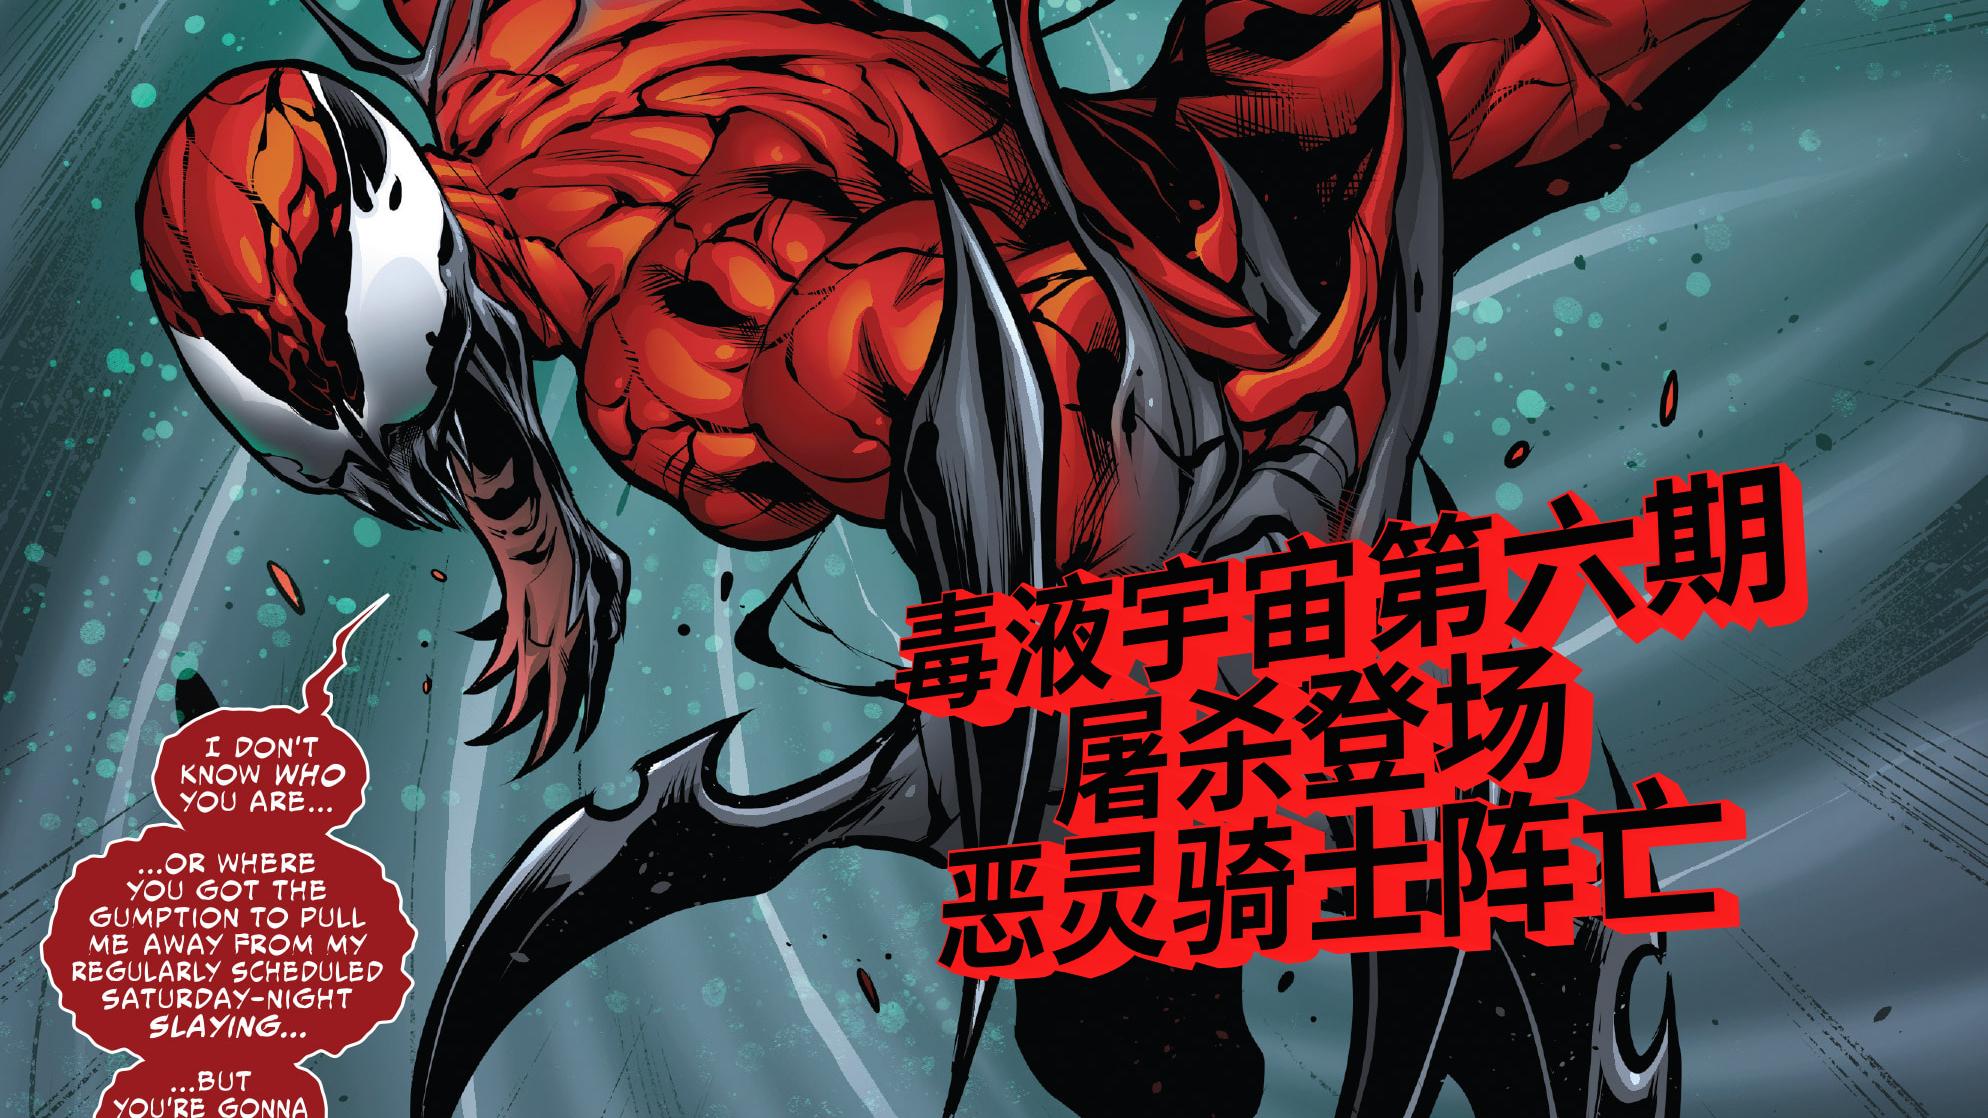 【毒液宇宙】第六期 屠杀登场,恶灵骑士阵亡